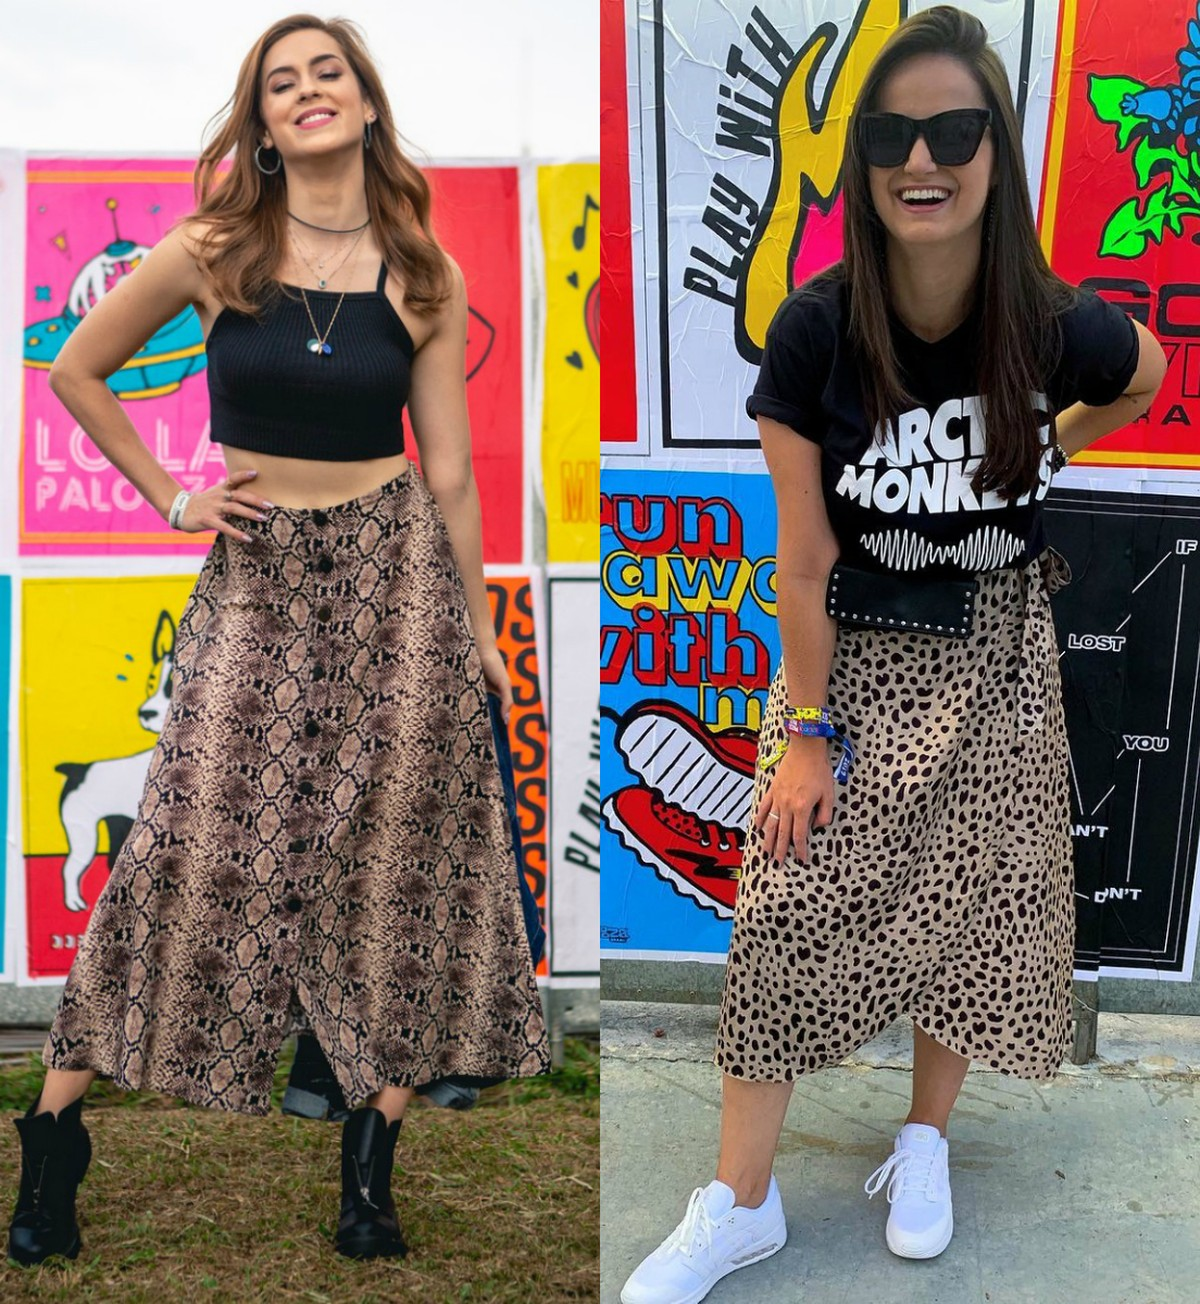 84c73f184 Animal print é tendência nos looks dos famosos no primeiro dia do  Lollapalooza